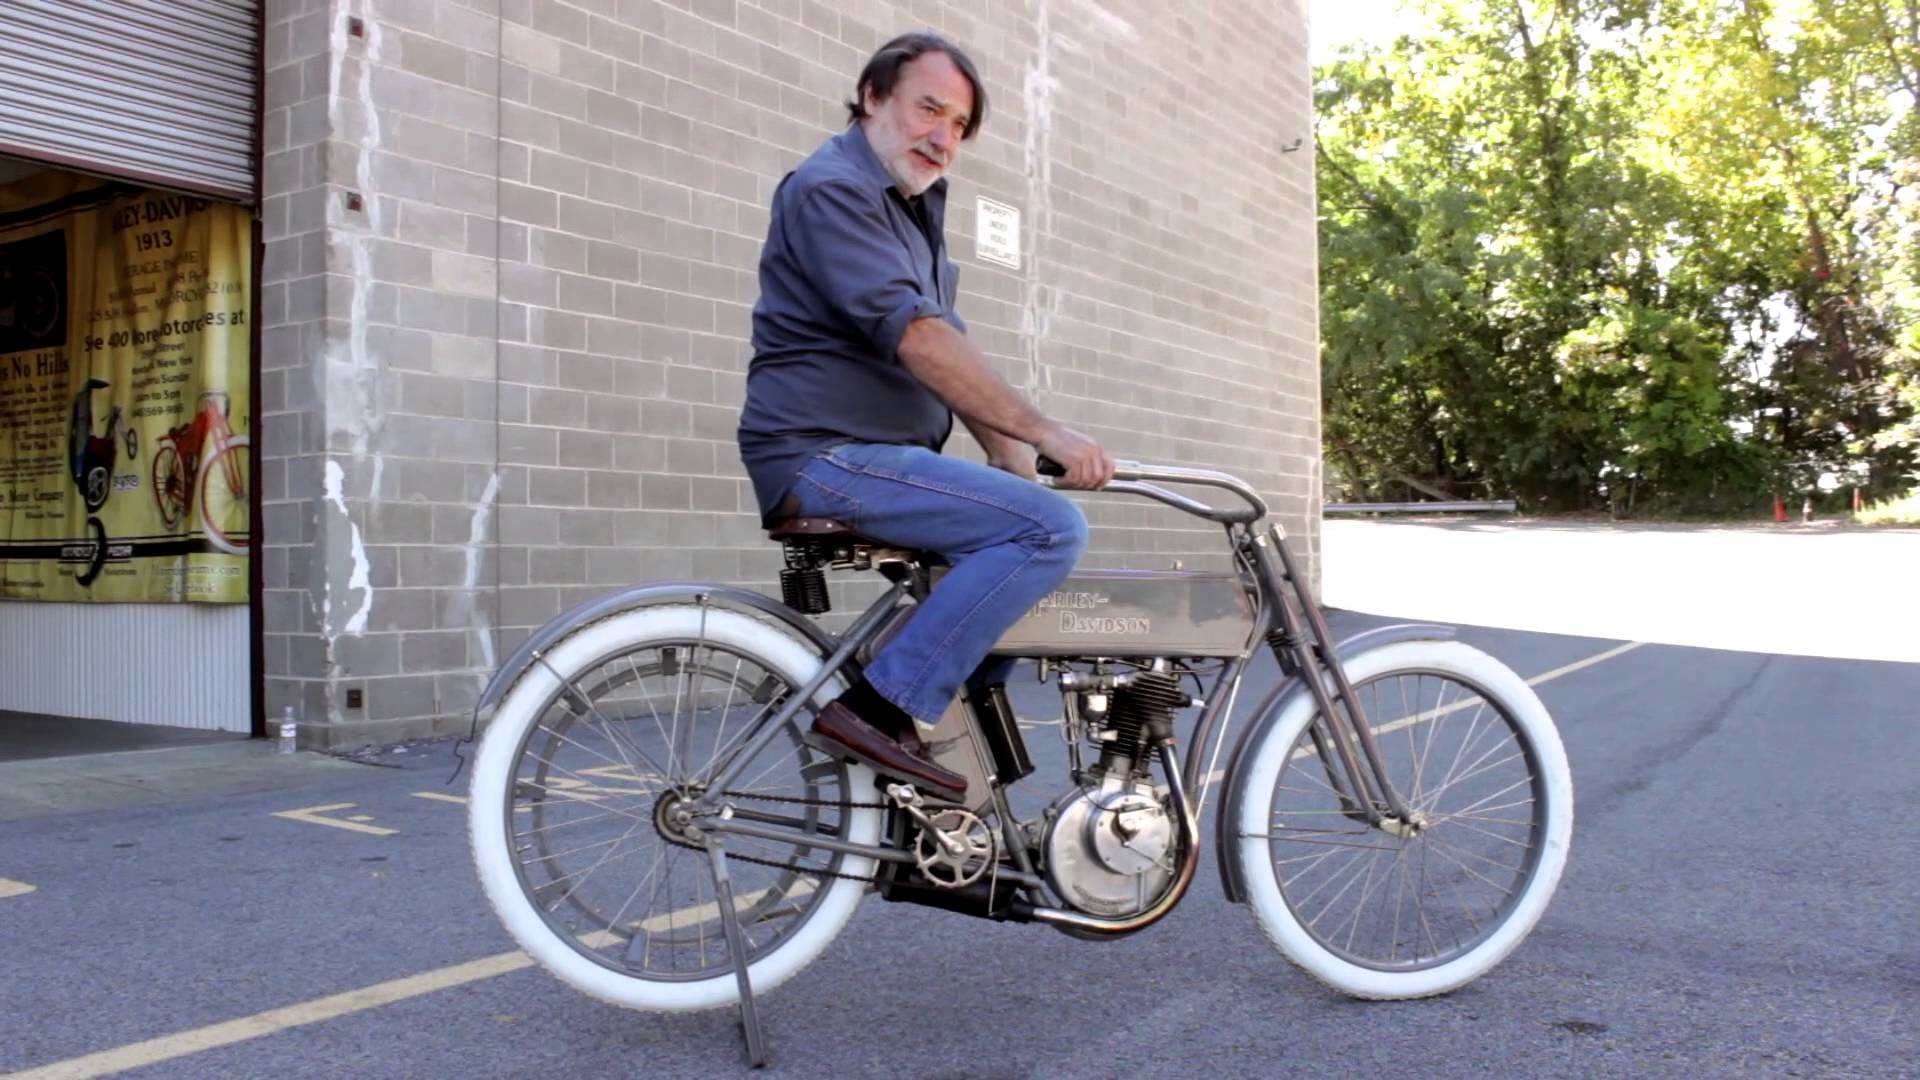 約100年前のハーレーダビッドソン最初の市販モデルに乗車!自転車みたいだけどエンジン音は完全にハーレーサウンド!